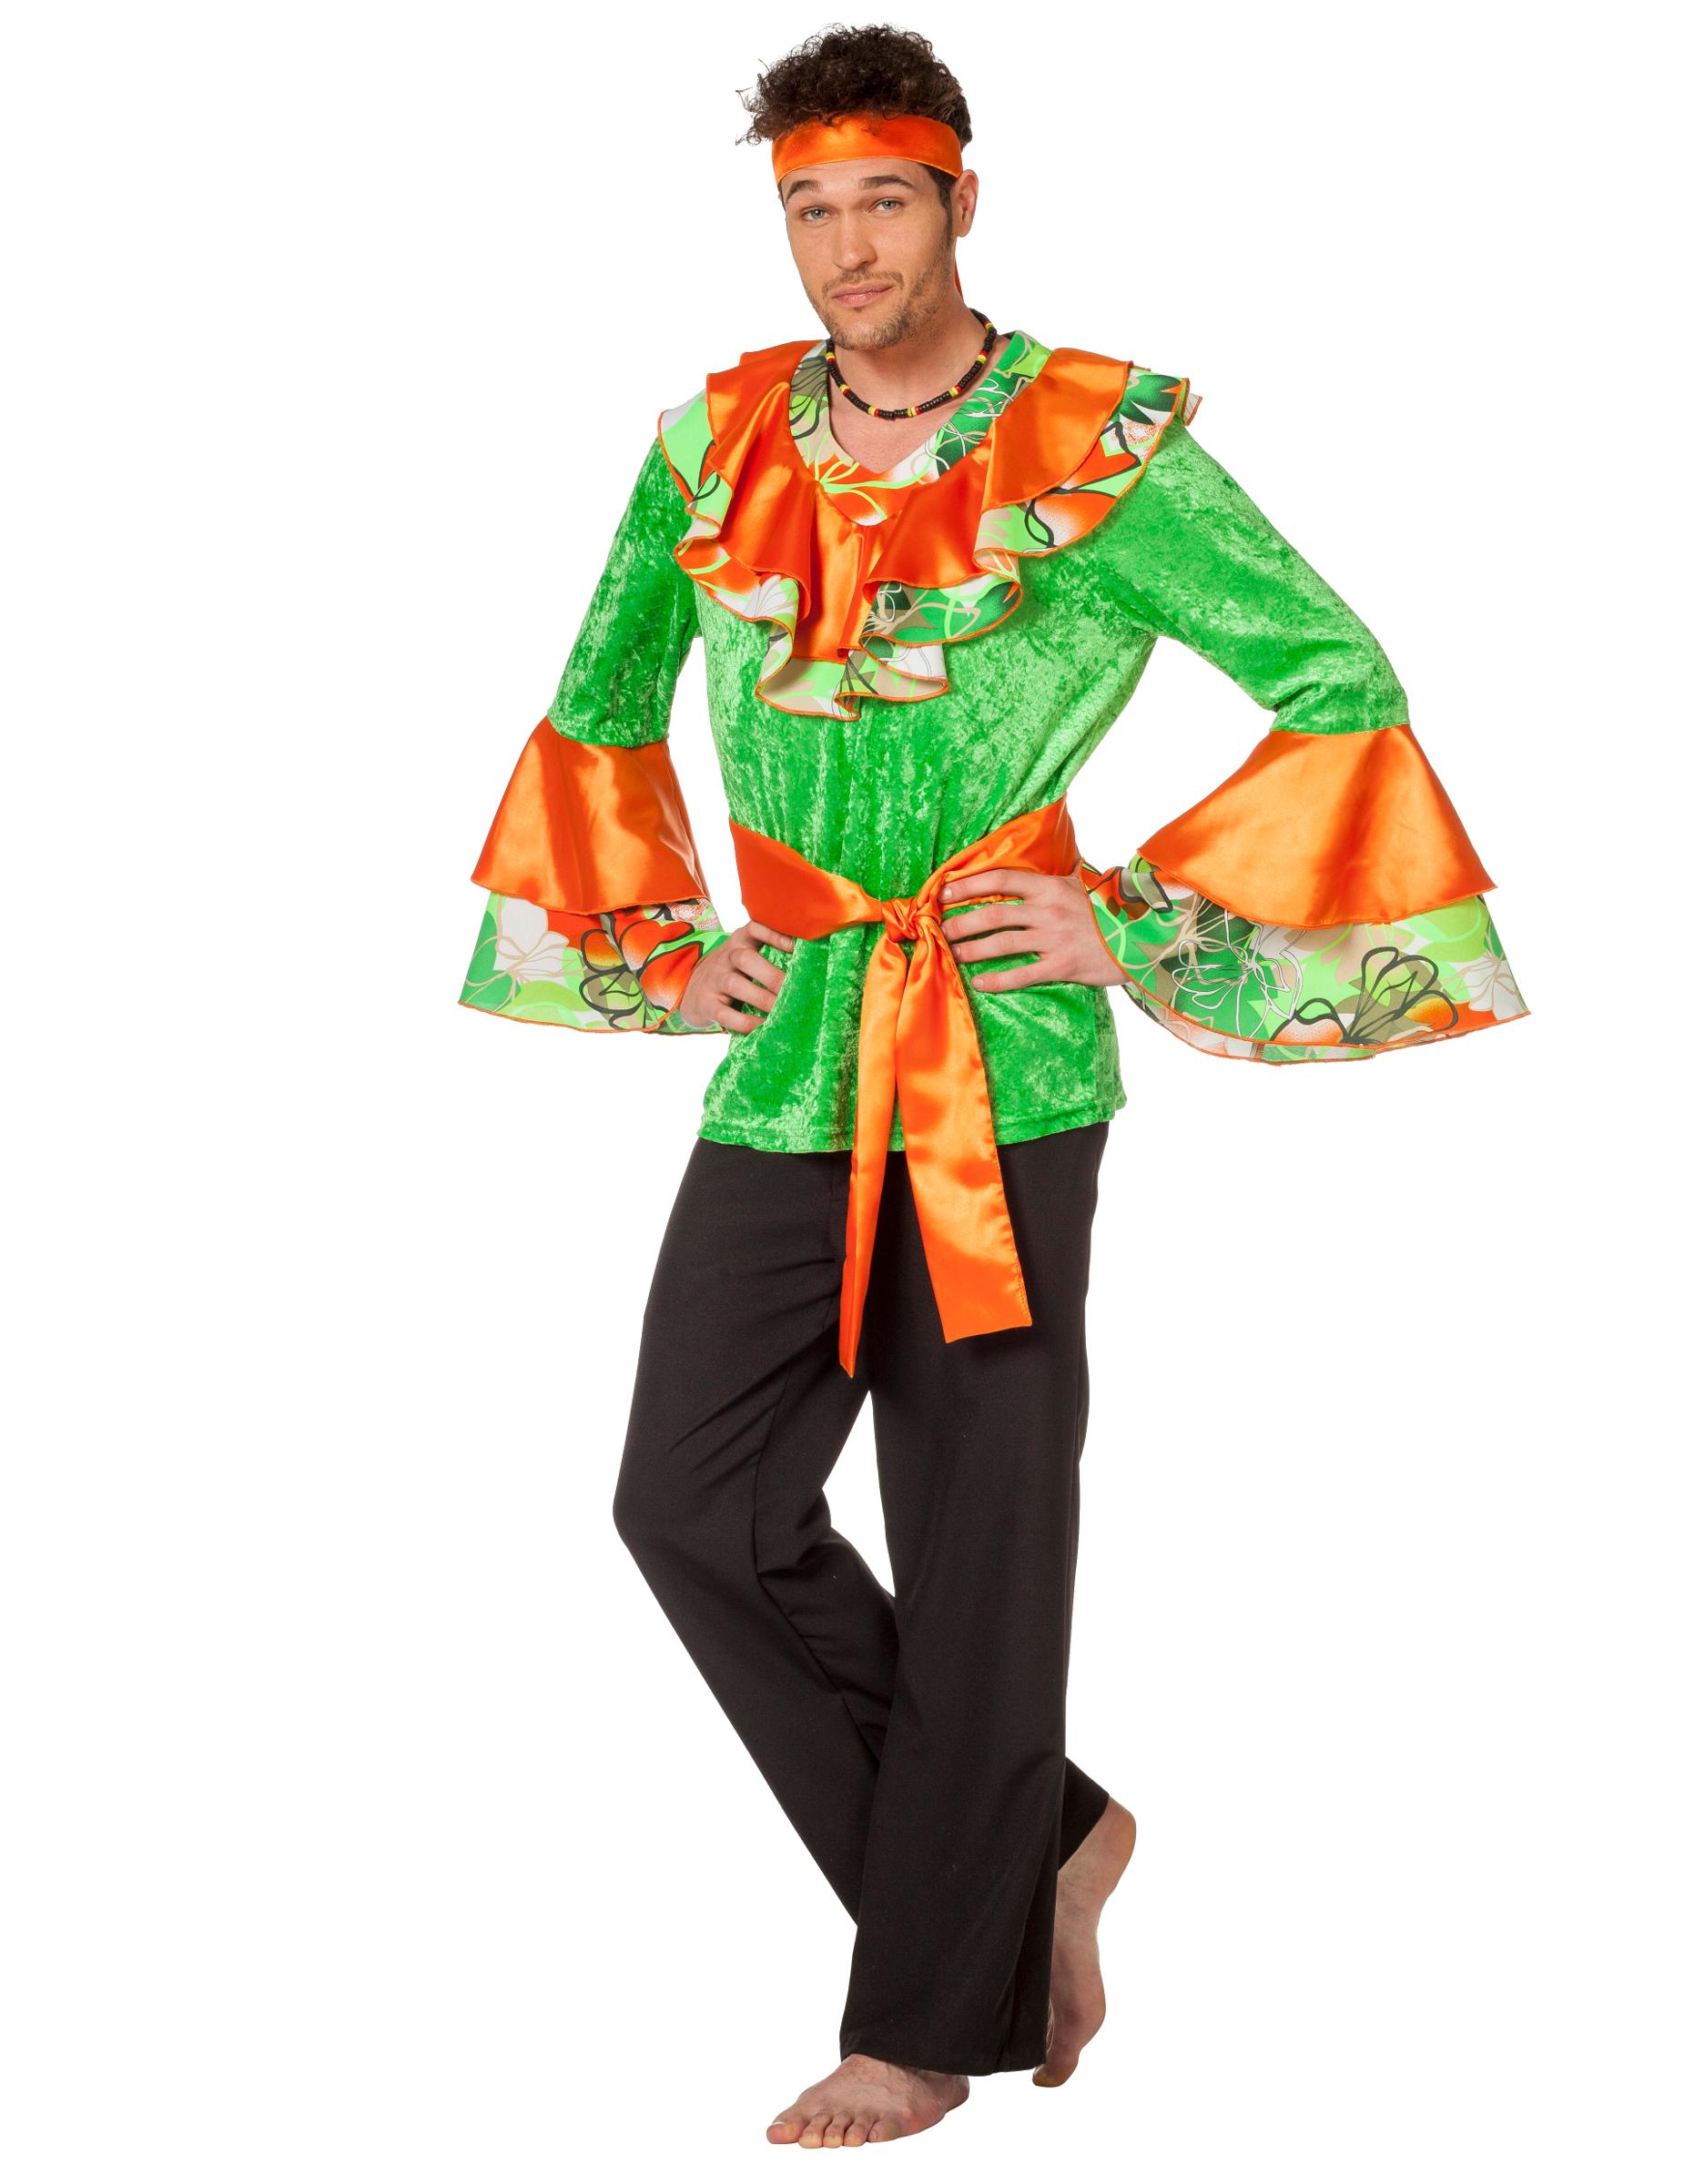 rumbat nzer herrenkost m orange gr n g nstige faschings kost me bei karneval megastore. Black Bedroom Furniture Sets. Home Design Ideas